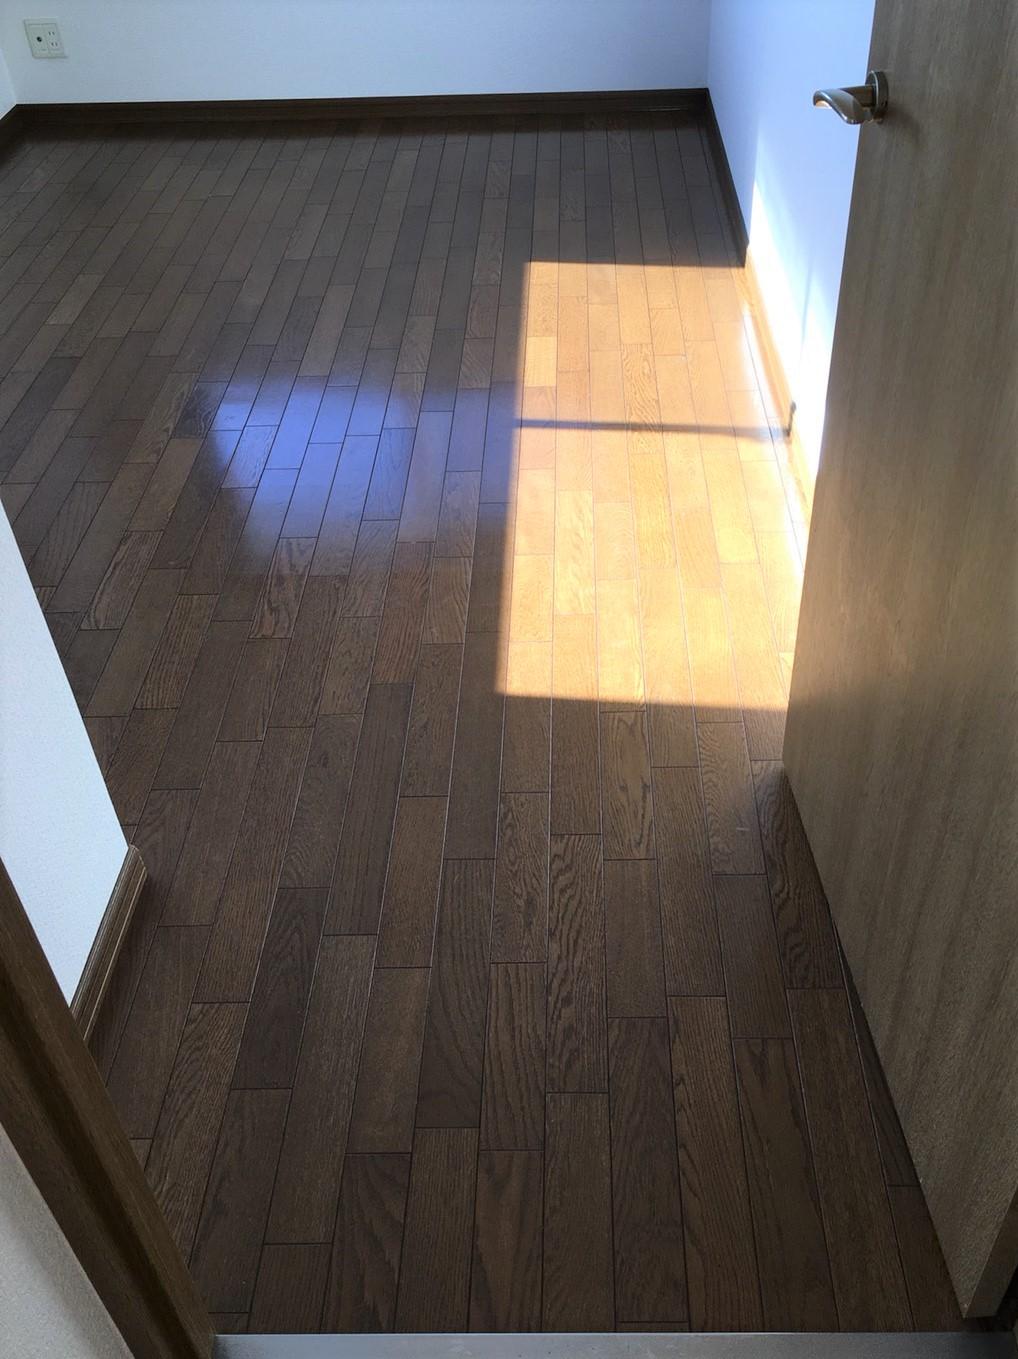 川西市~床の簡易清掃~一人暮らし・共働き世帯応援いたします!フローリングお掃除はおそうじプラスへ